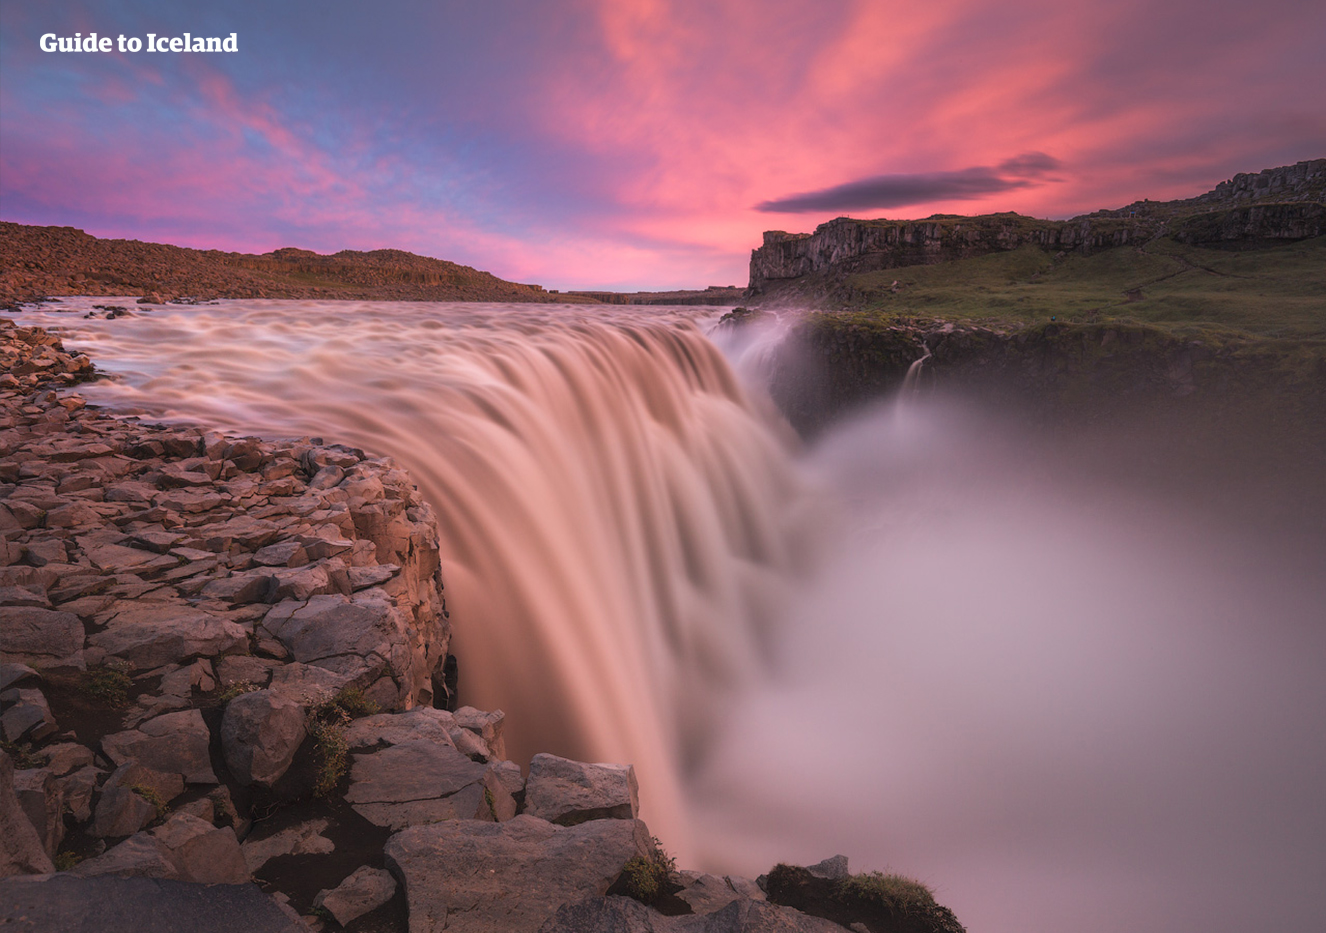 På norra Island finns Dettifoss – ett rytande och häpnadsväckande vattenfall, som sägs vara det mest kraftfulla fallet i Europa